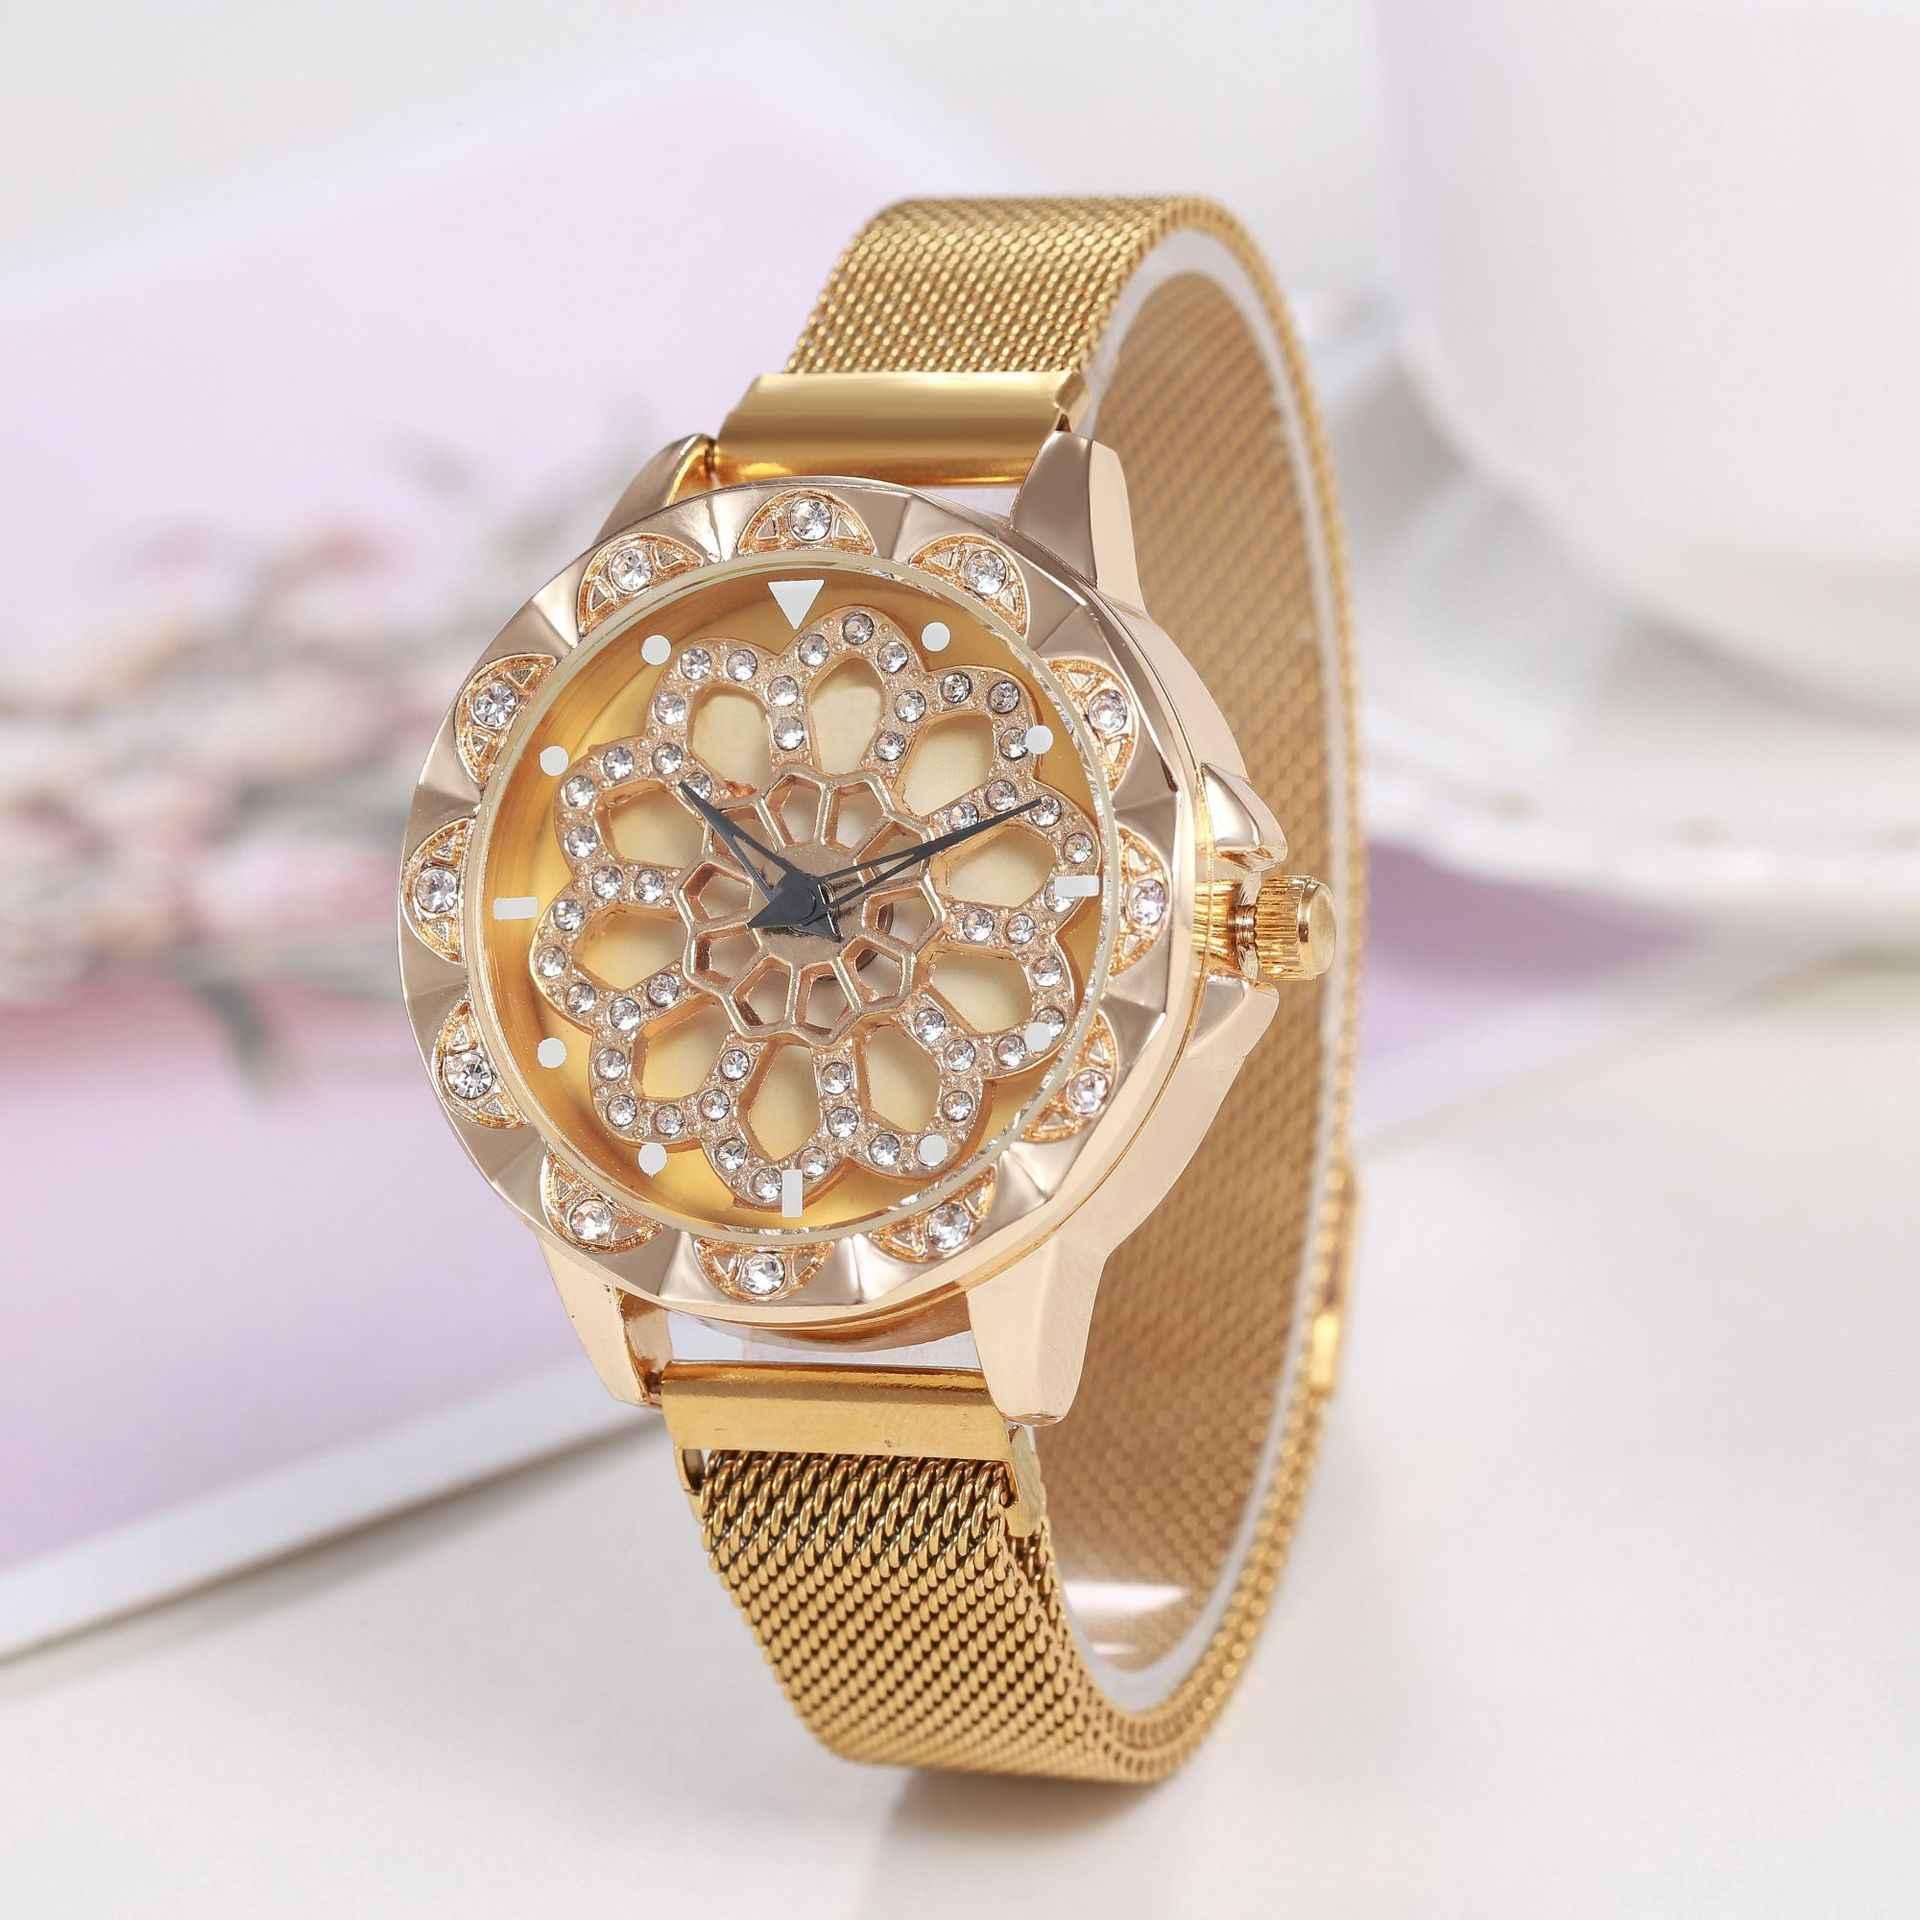 Роскошные женские часы из розового золота, специальный дизайн, вращение на 360 градусов, бриллиантовый циферблат, сетчатый магнит, звездное небо, женские кварцевые часы